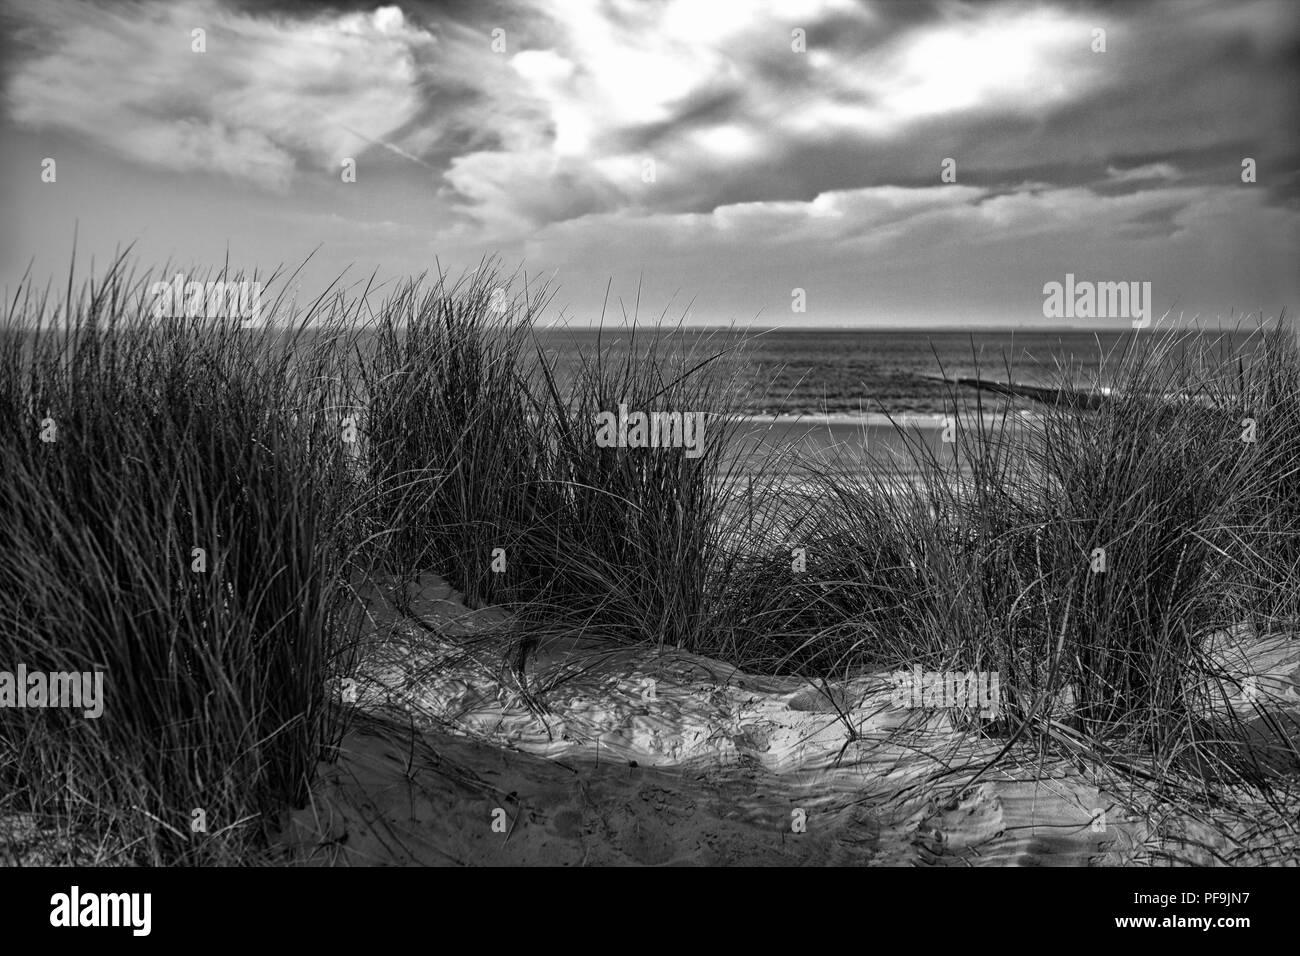 Europa Deutschland Nordsee Instagramm Stil Stockbild